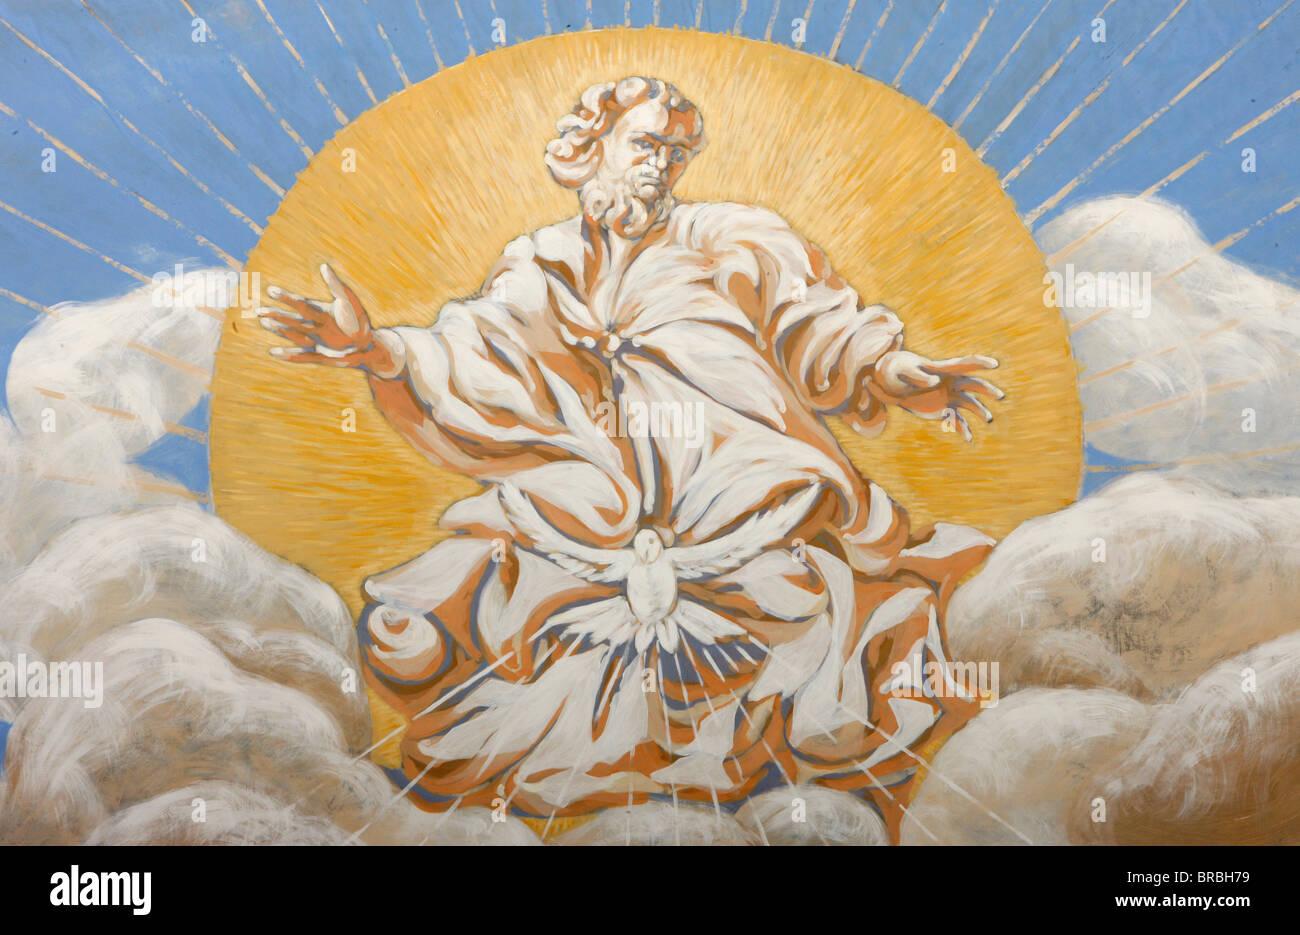 Gott und der Heilige Geist in der Kirche Saint-Nicolas de Veroce, Haute Savoie, Frankreich Stockbild